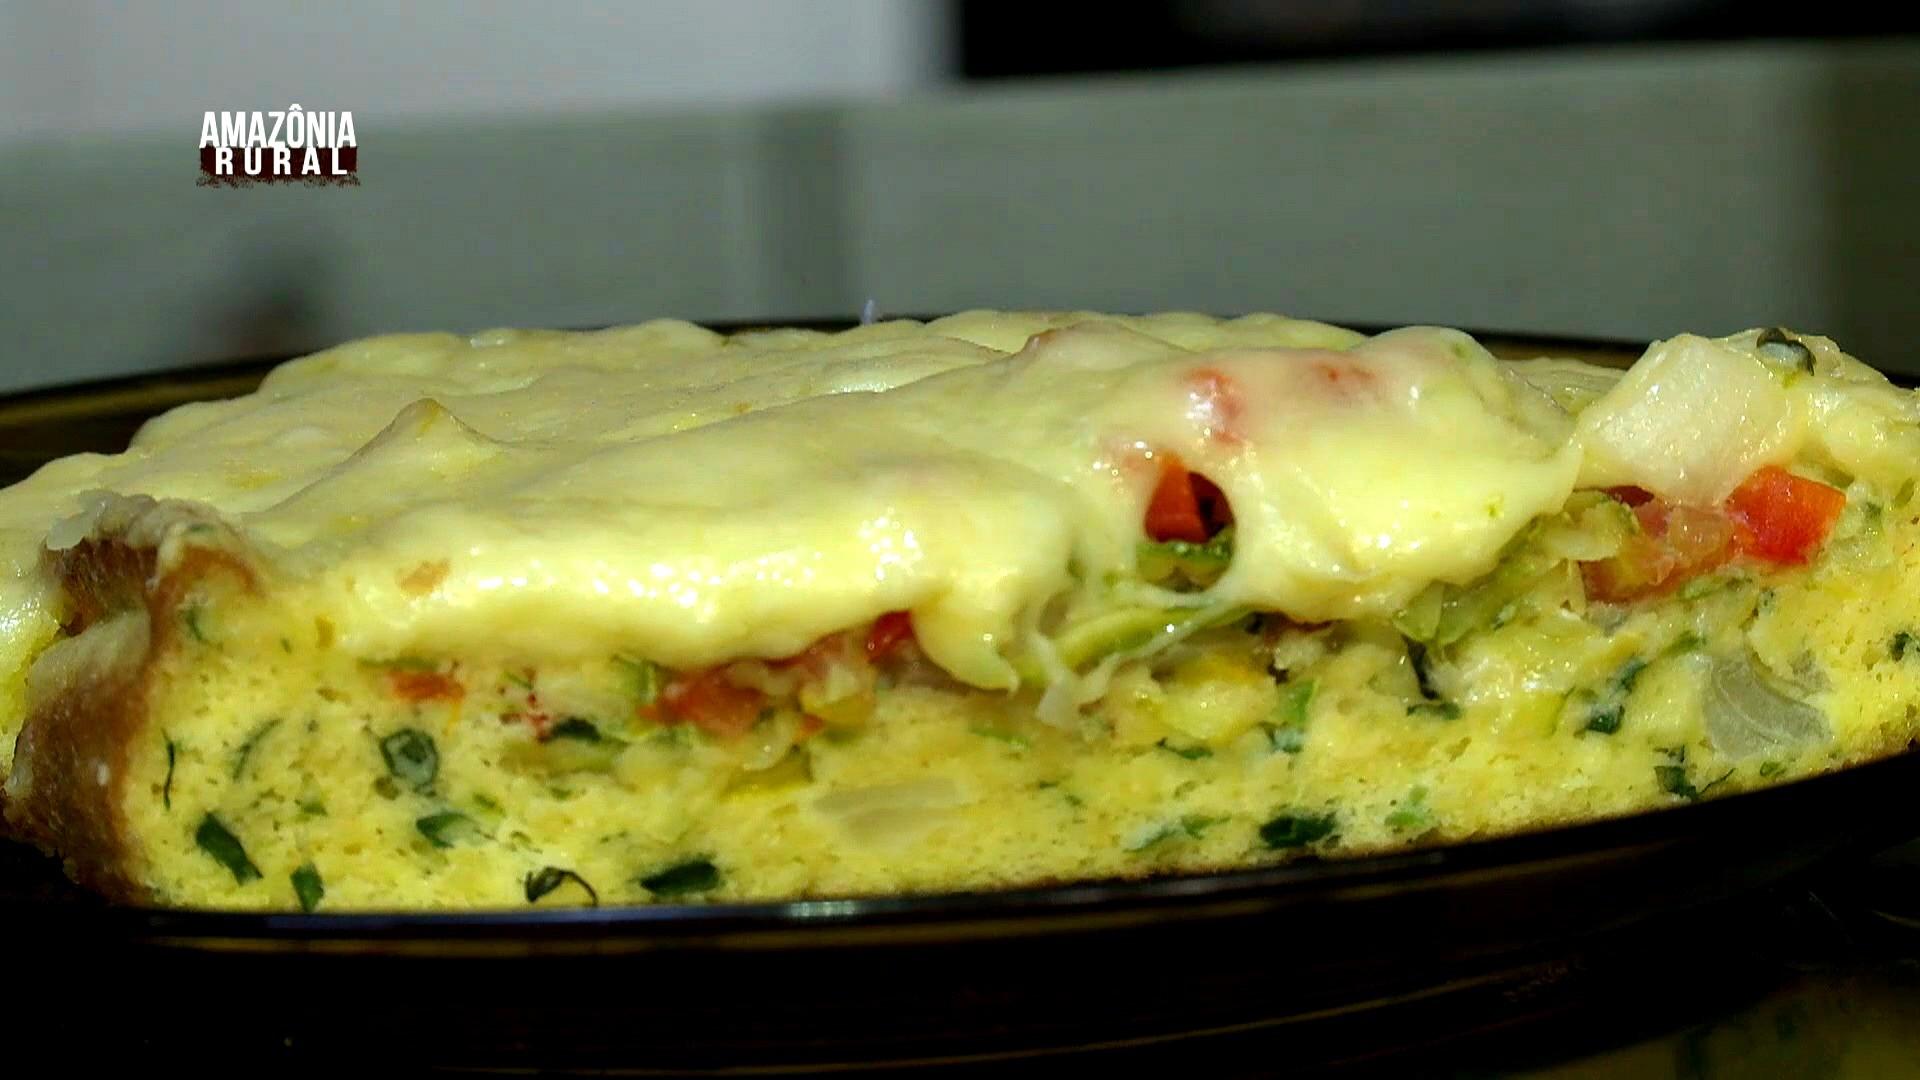 Aprenda a fazer o Omelete de Abobrinha, receita da dona Dirlene (Foto: Amazônia Rural)